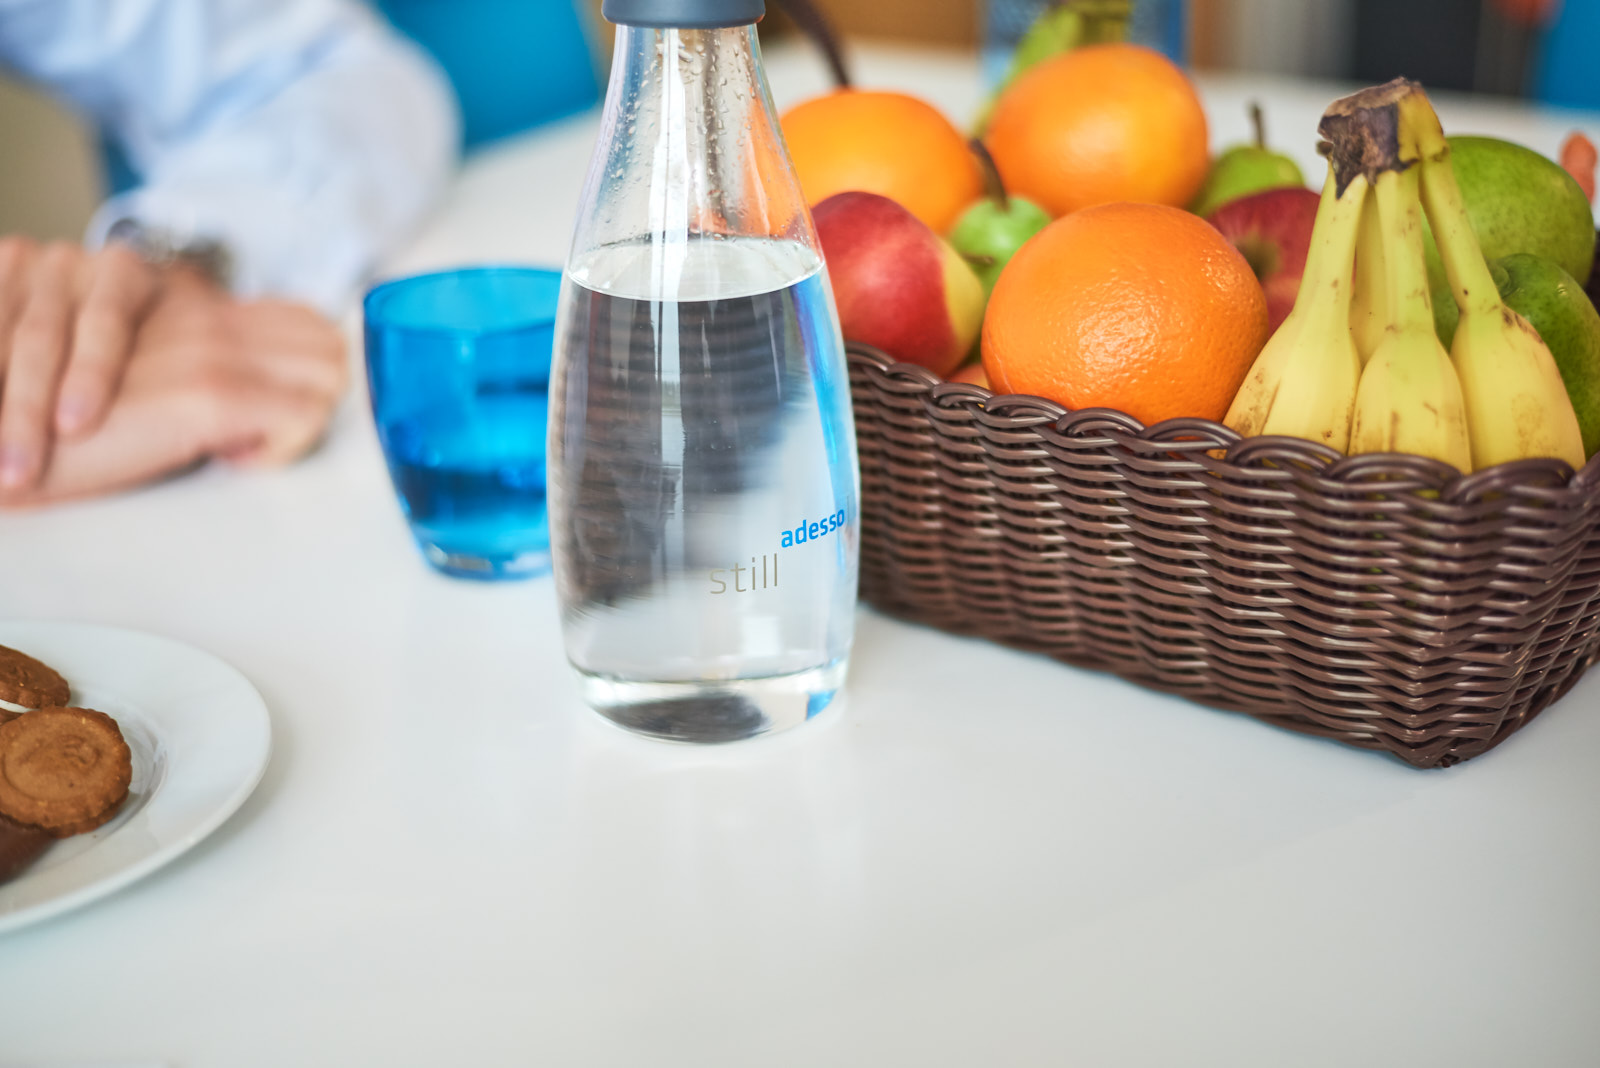 adesso Wasserflasche und Obstkorb auf einem Tisch